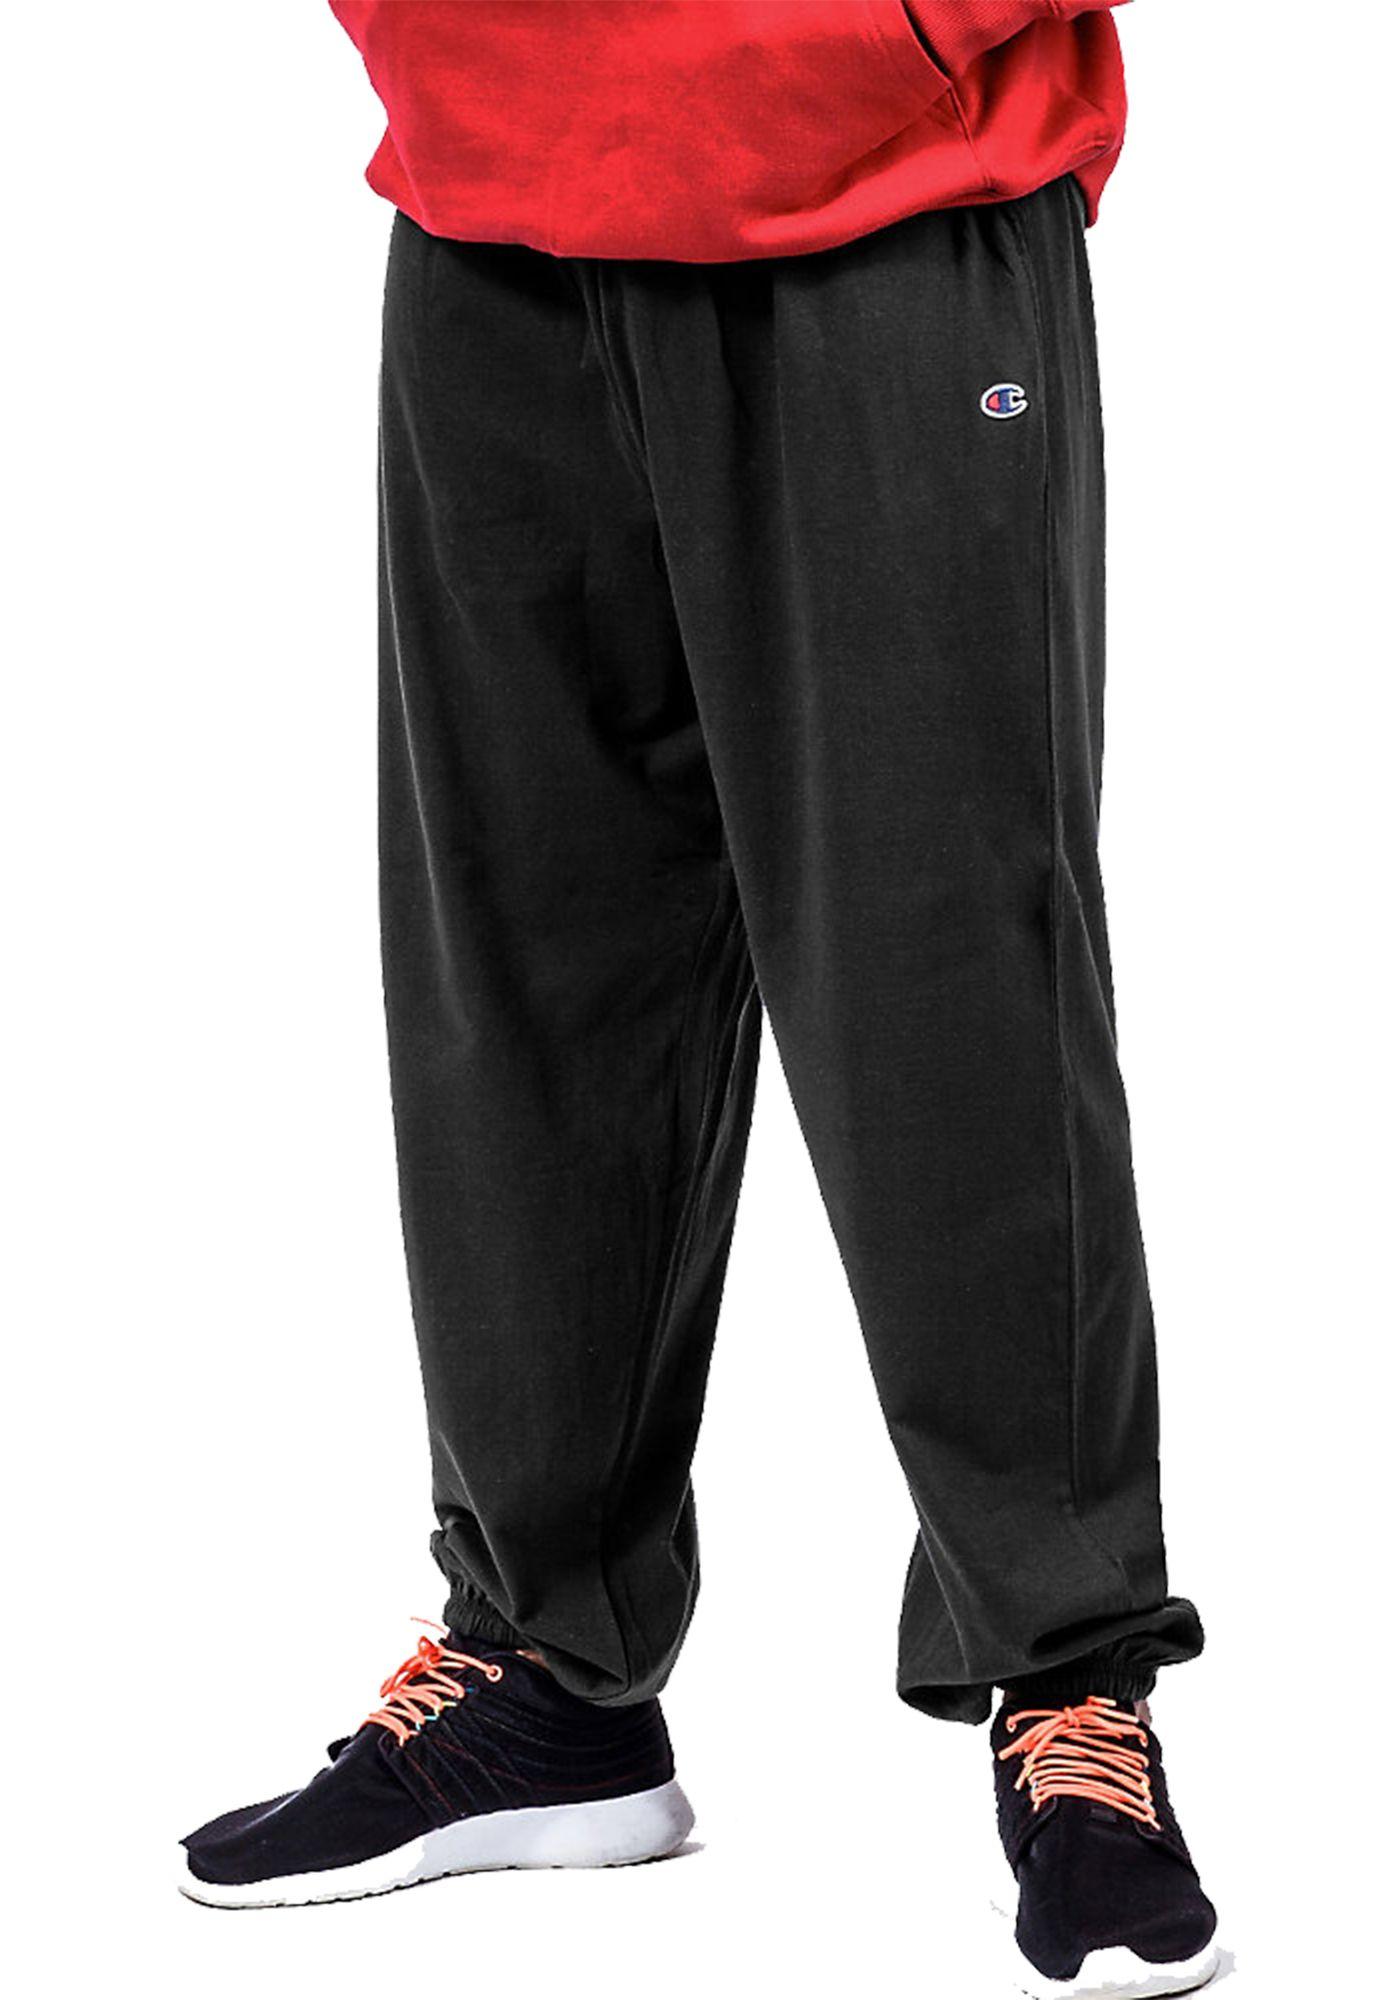 Champion Men's Big and Tall Fleece Pants (Regular and Big & Tall)